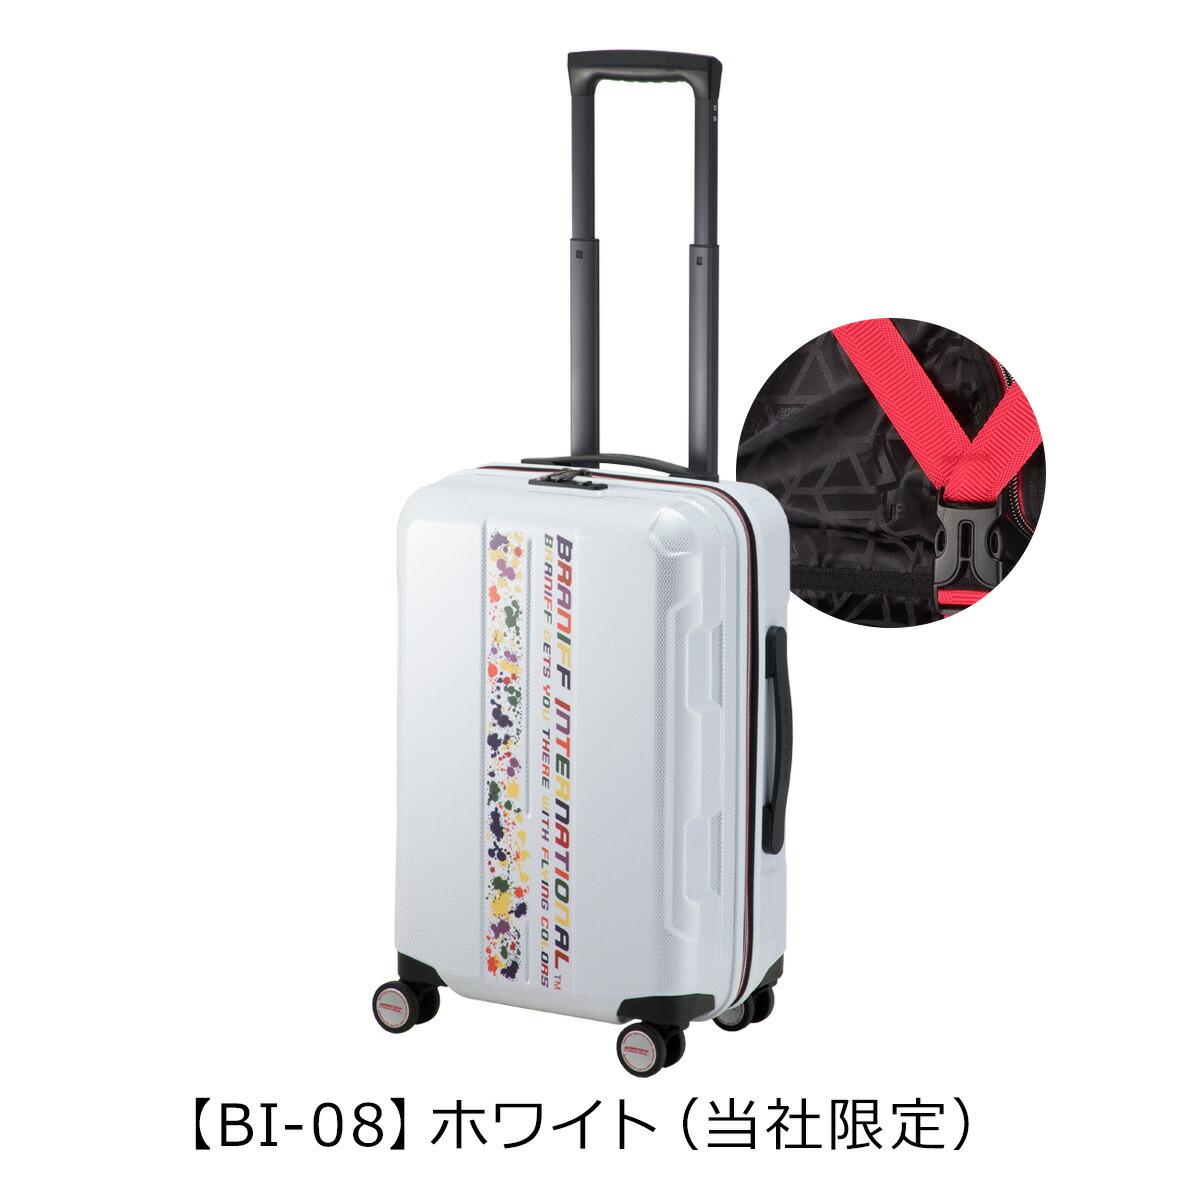 【BI-08】ホワイト(当社限定)